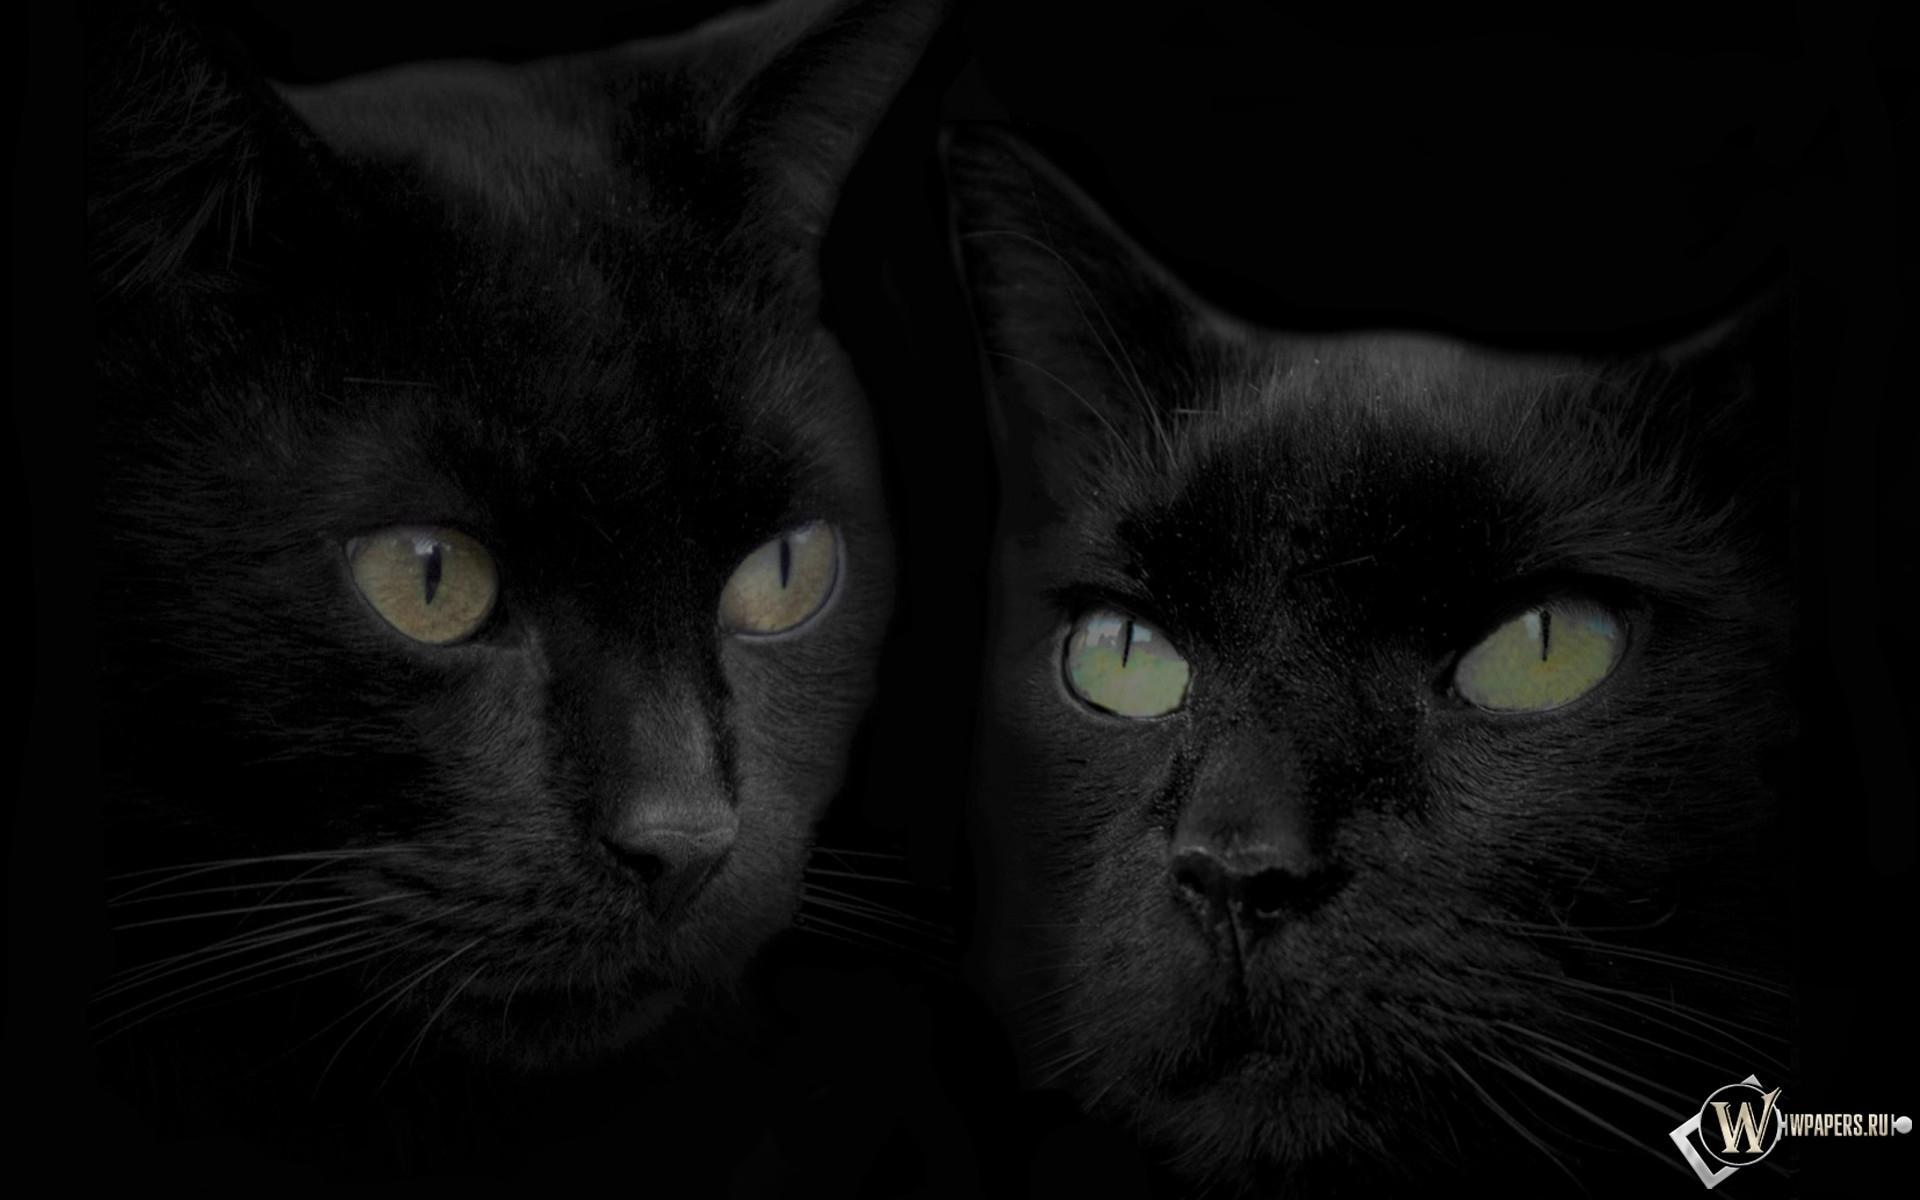 черные обои для рабочего стола: